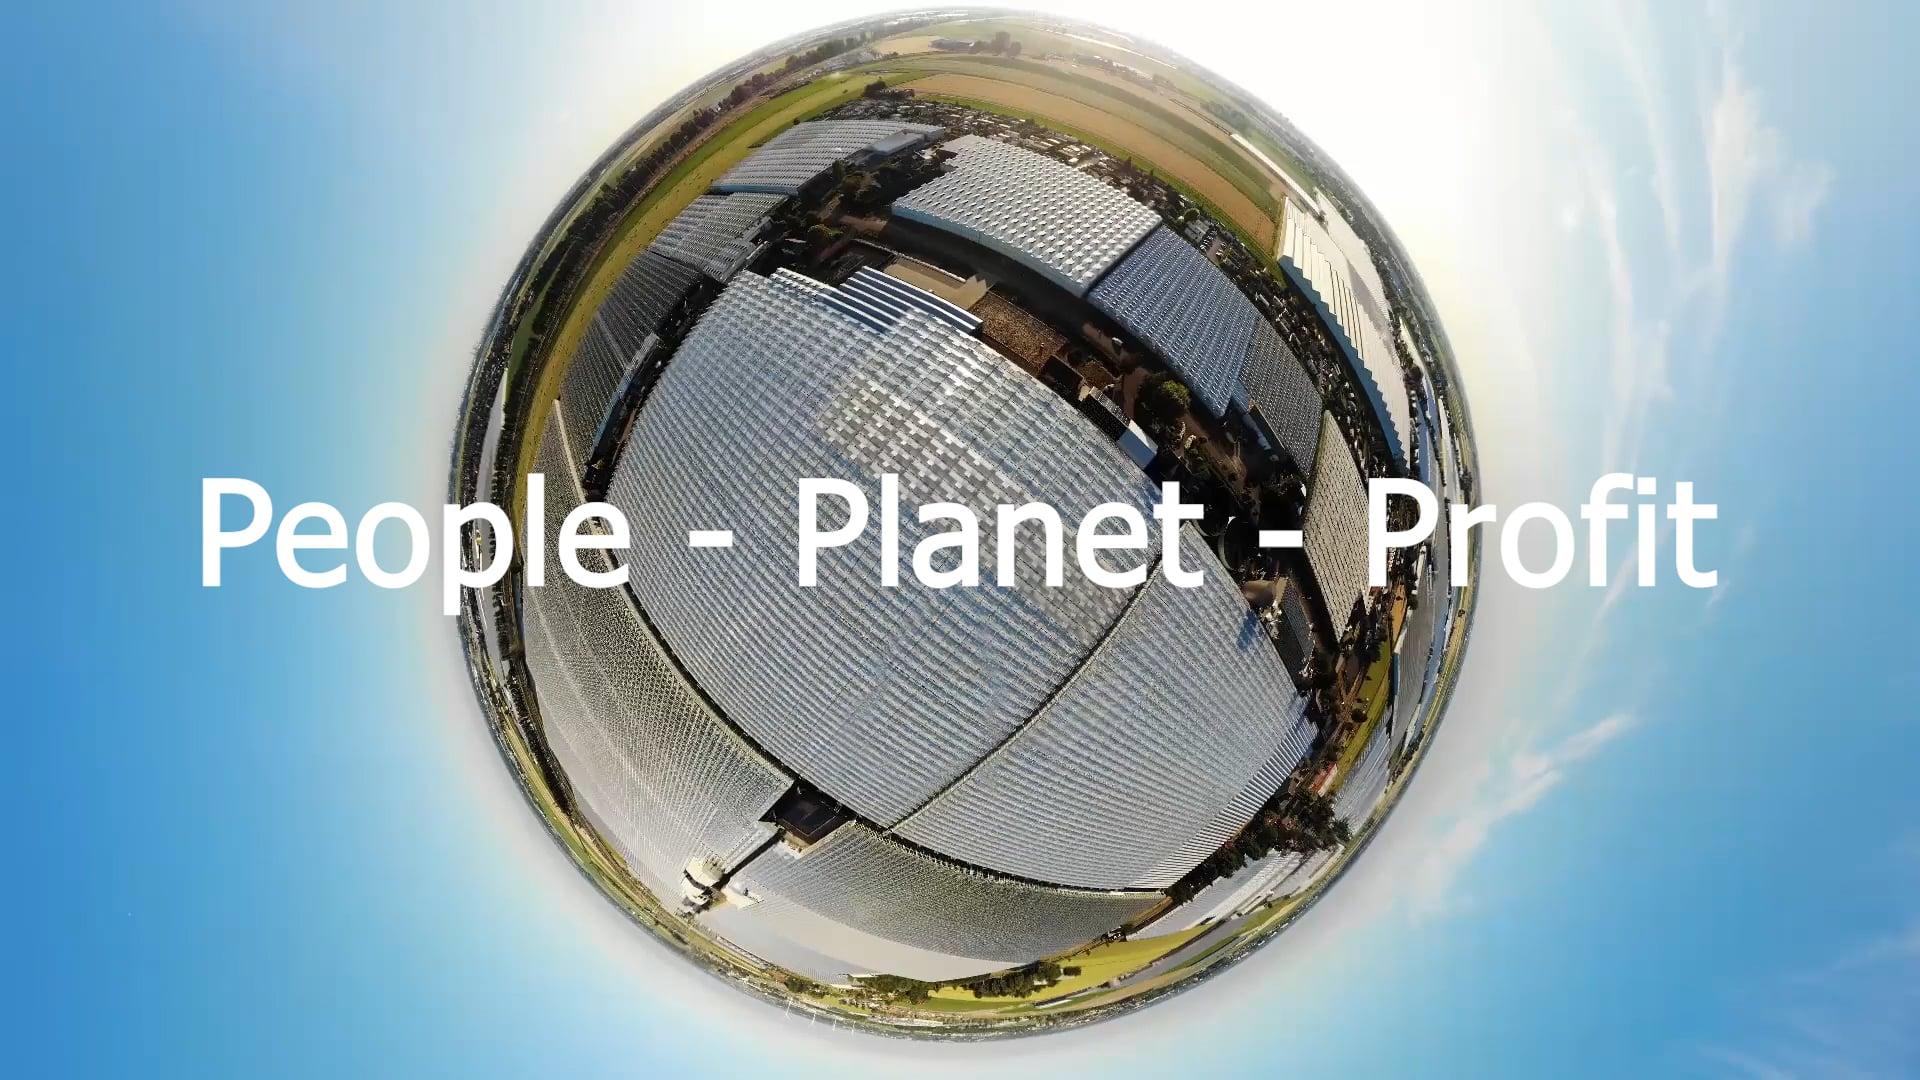 Jac. Oudijk Globe - sustainable entrepreneurship